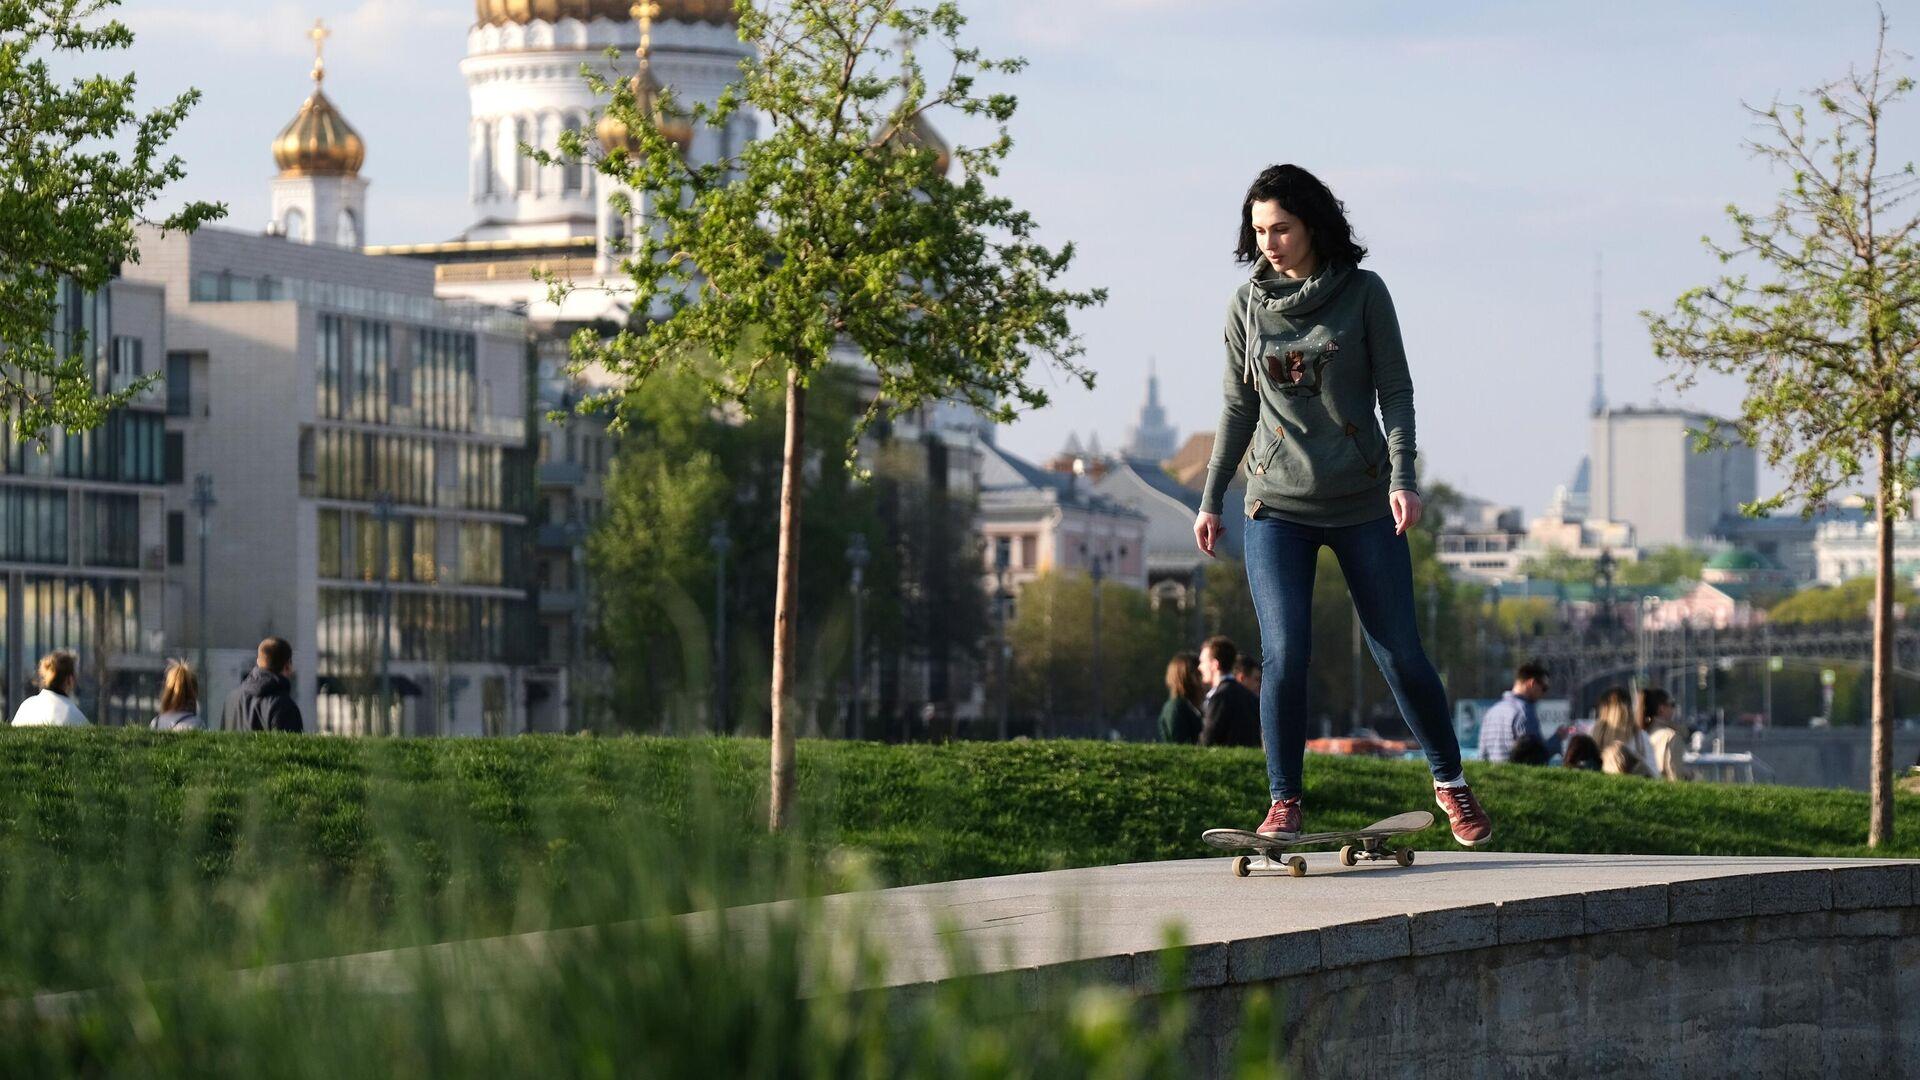 Девушка катается на скейтборде в парке искусств Музеон в Москве - РИА Новости, 1920, 08.05.2021